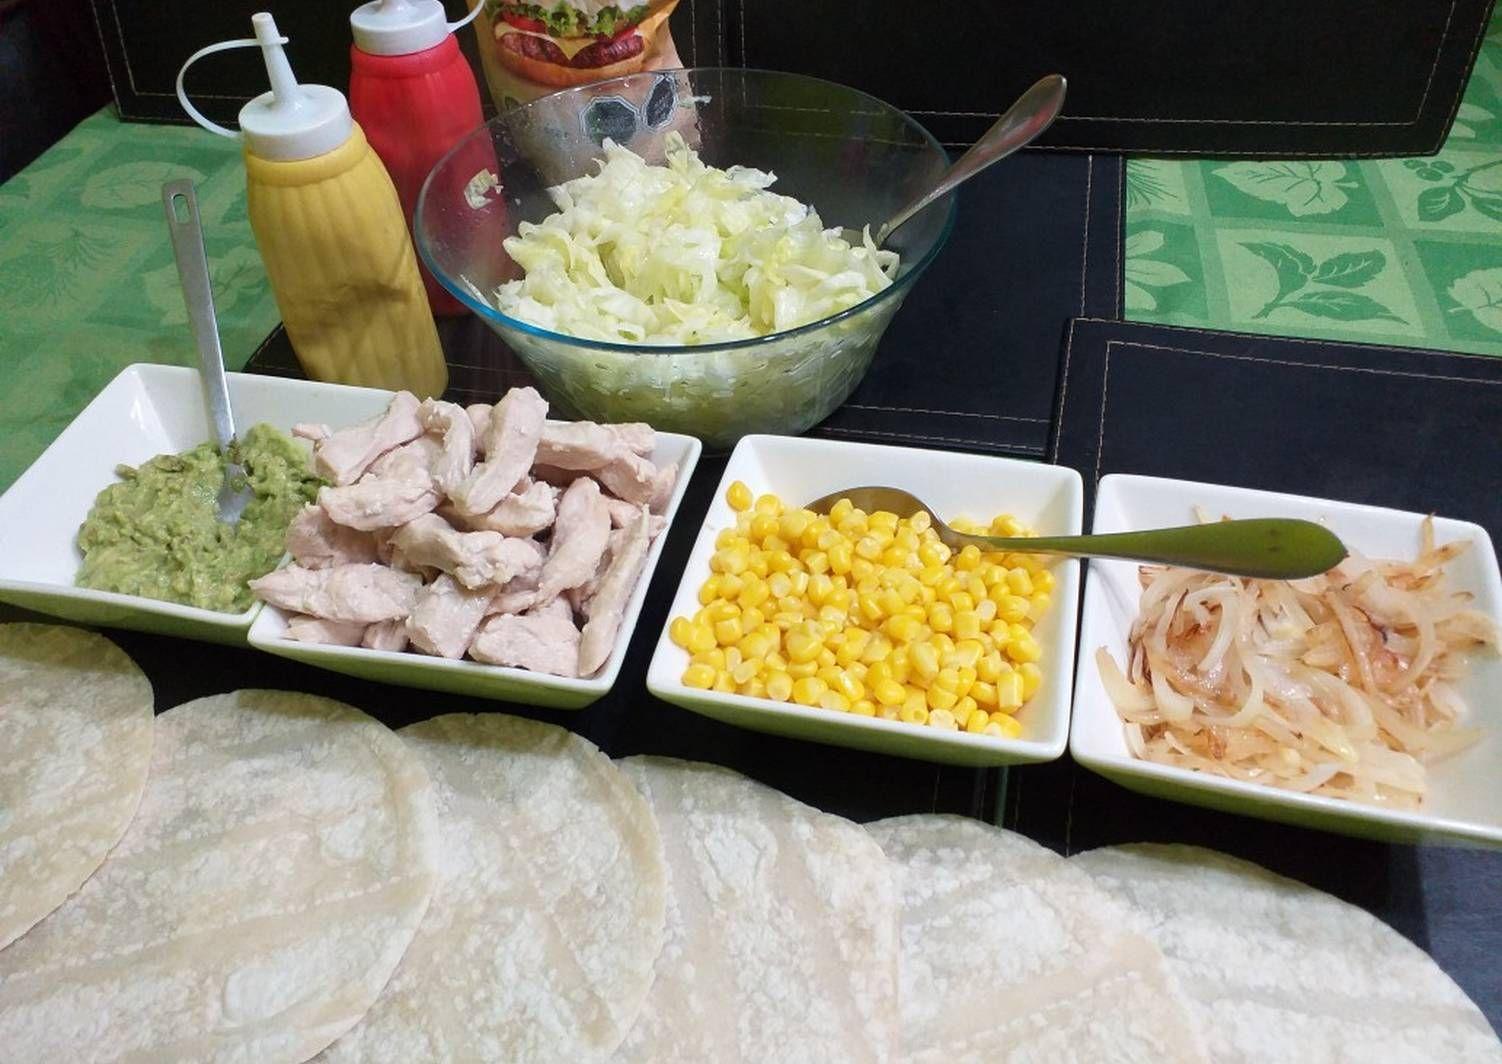 Relleno Para Tacos Receta De Marisol Melgarejo Receta Receta De Tacos Comida Rellenos Para Tacos